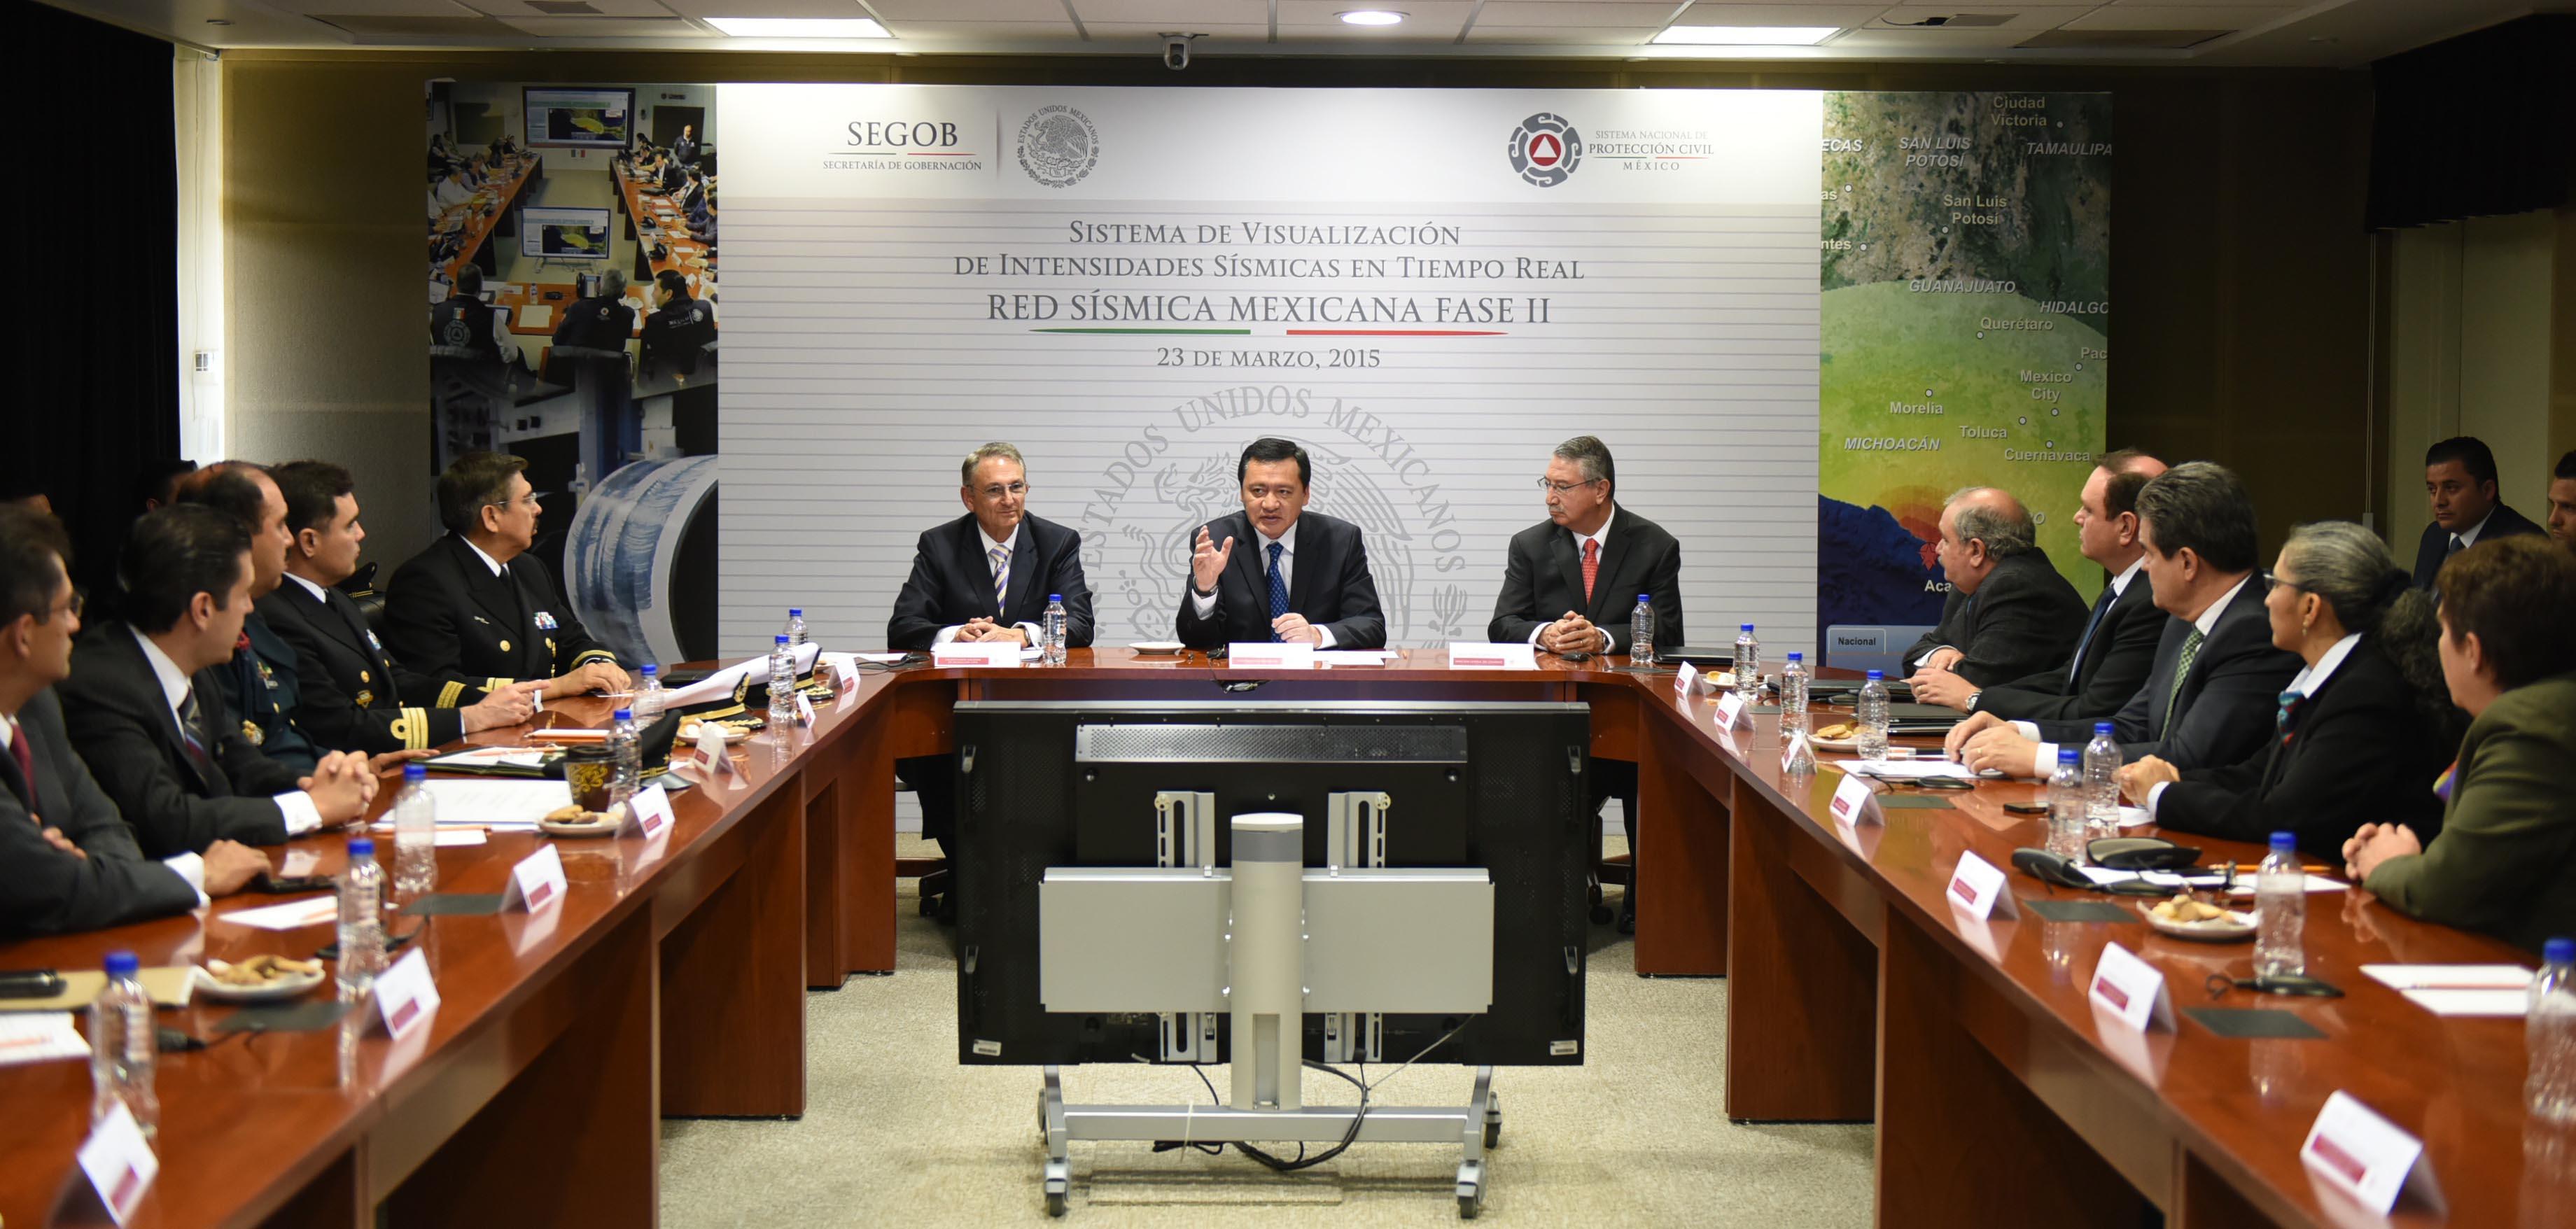 El Secretario de Gobernación, Miguel Ángel Osorio Chong, preside la reunión de la Red Sísmica Mexicana Fase II, en el Centro Nacional de Prevención de Desastres.